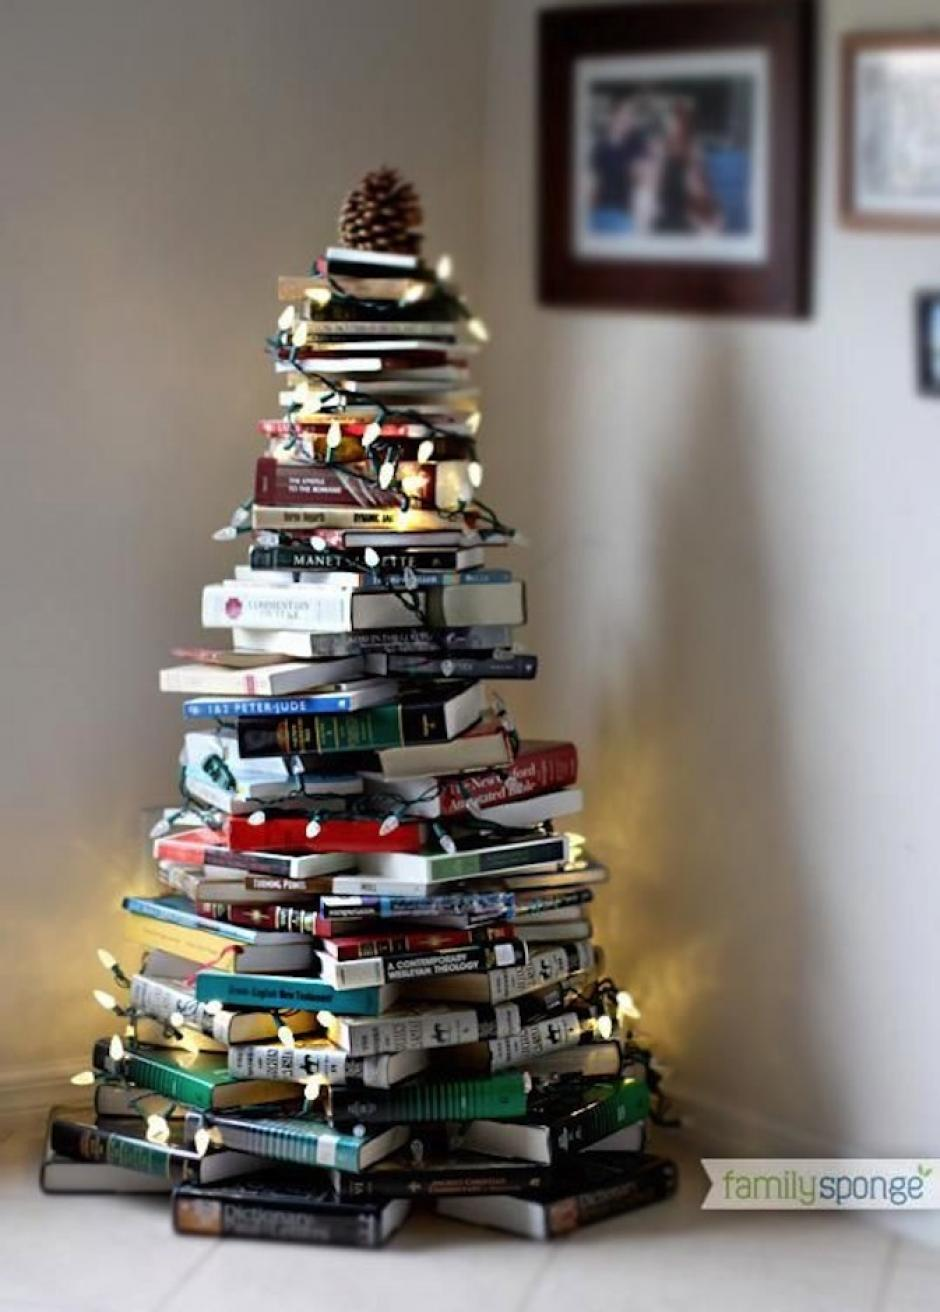 Para los amantes de la lectura, este es el accesorio navideño perfecto. (Foto: Family Sponge)